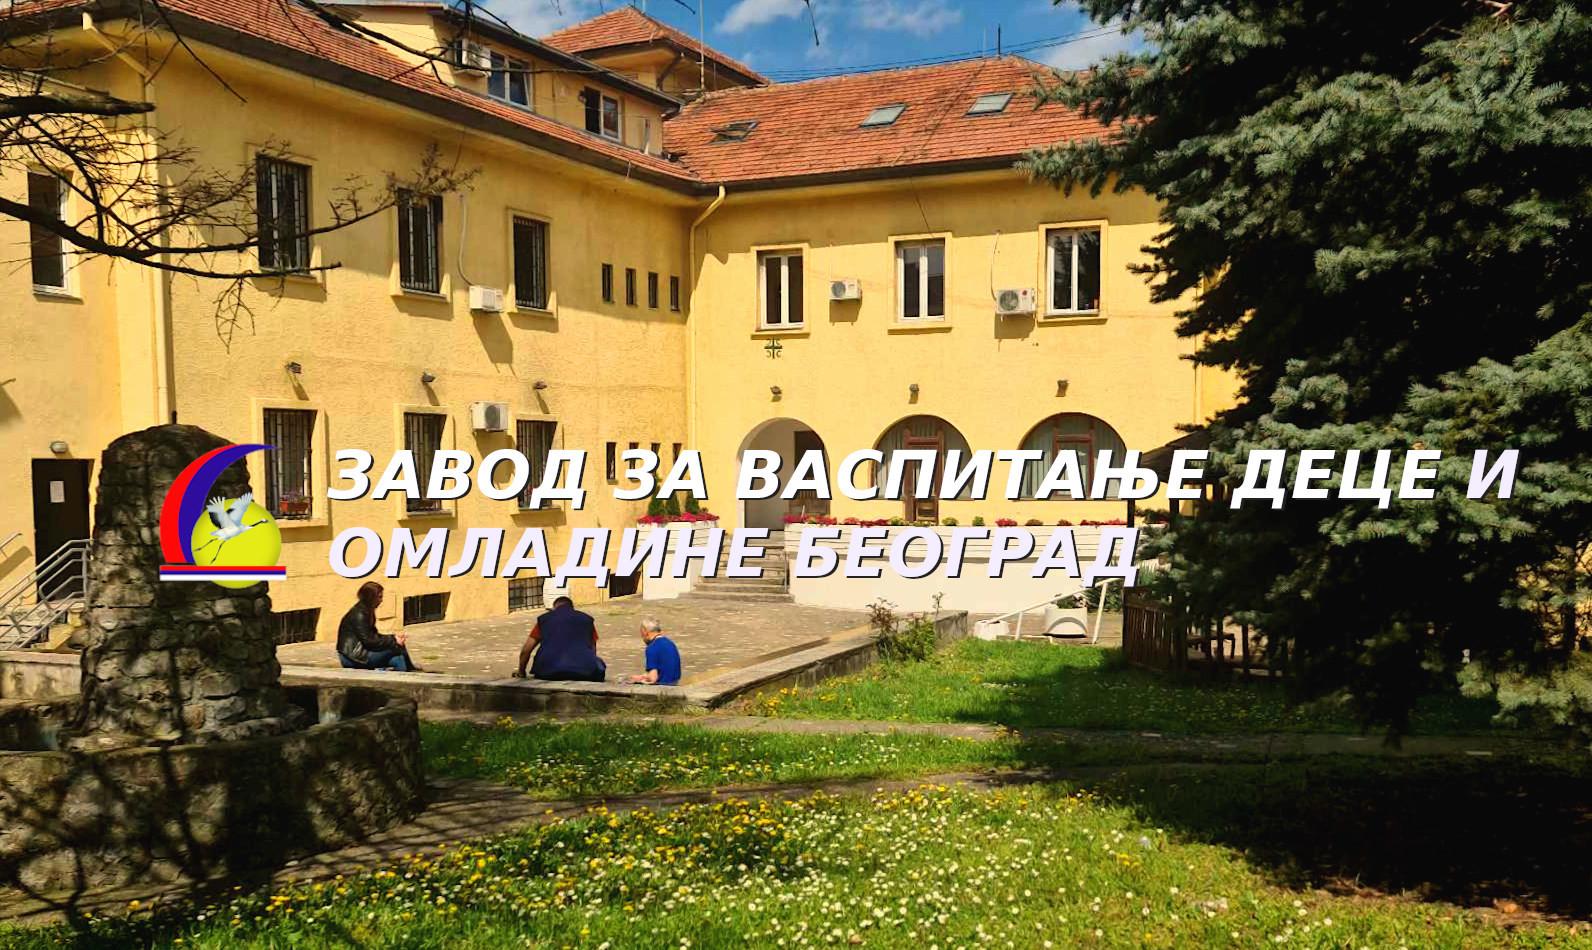 Завод за васпитање деце и омладине Београд